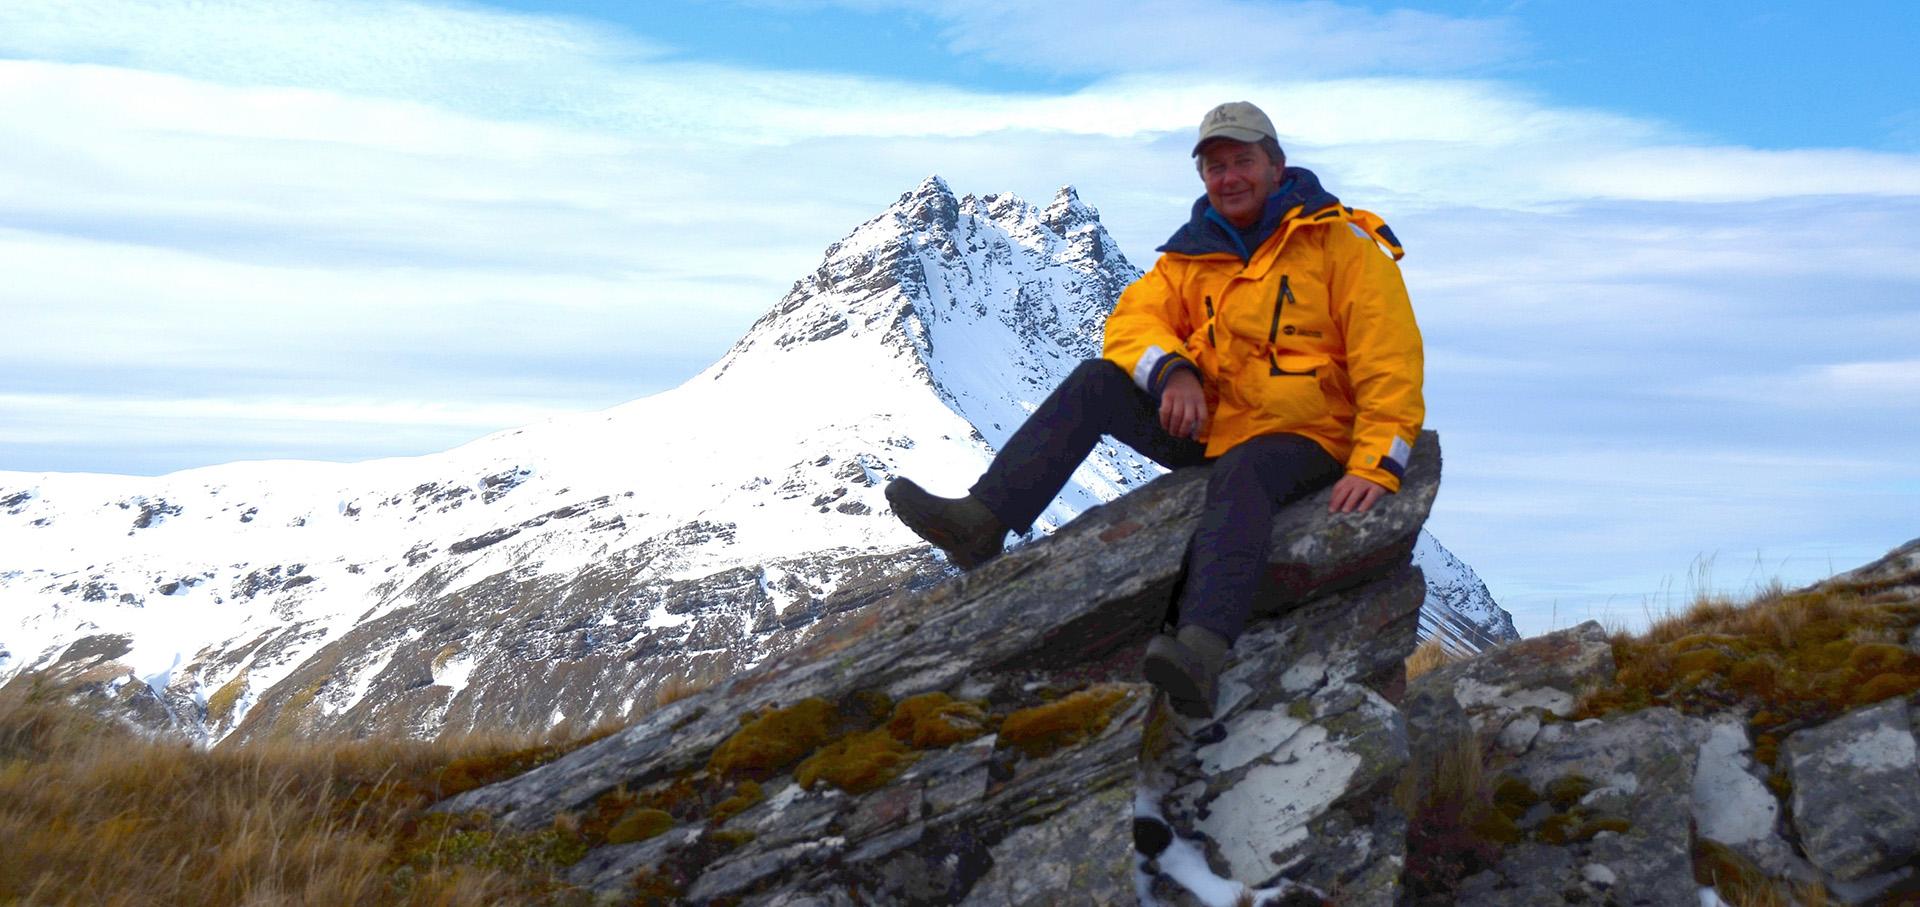 Quark passenger John Morrison is on top of the world in Antarctica.